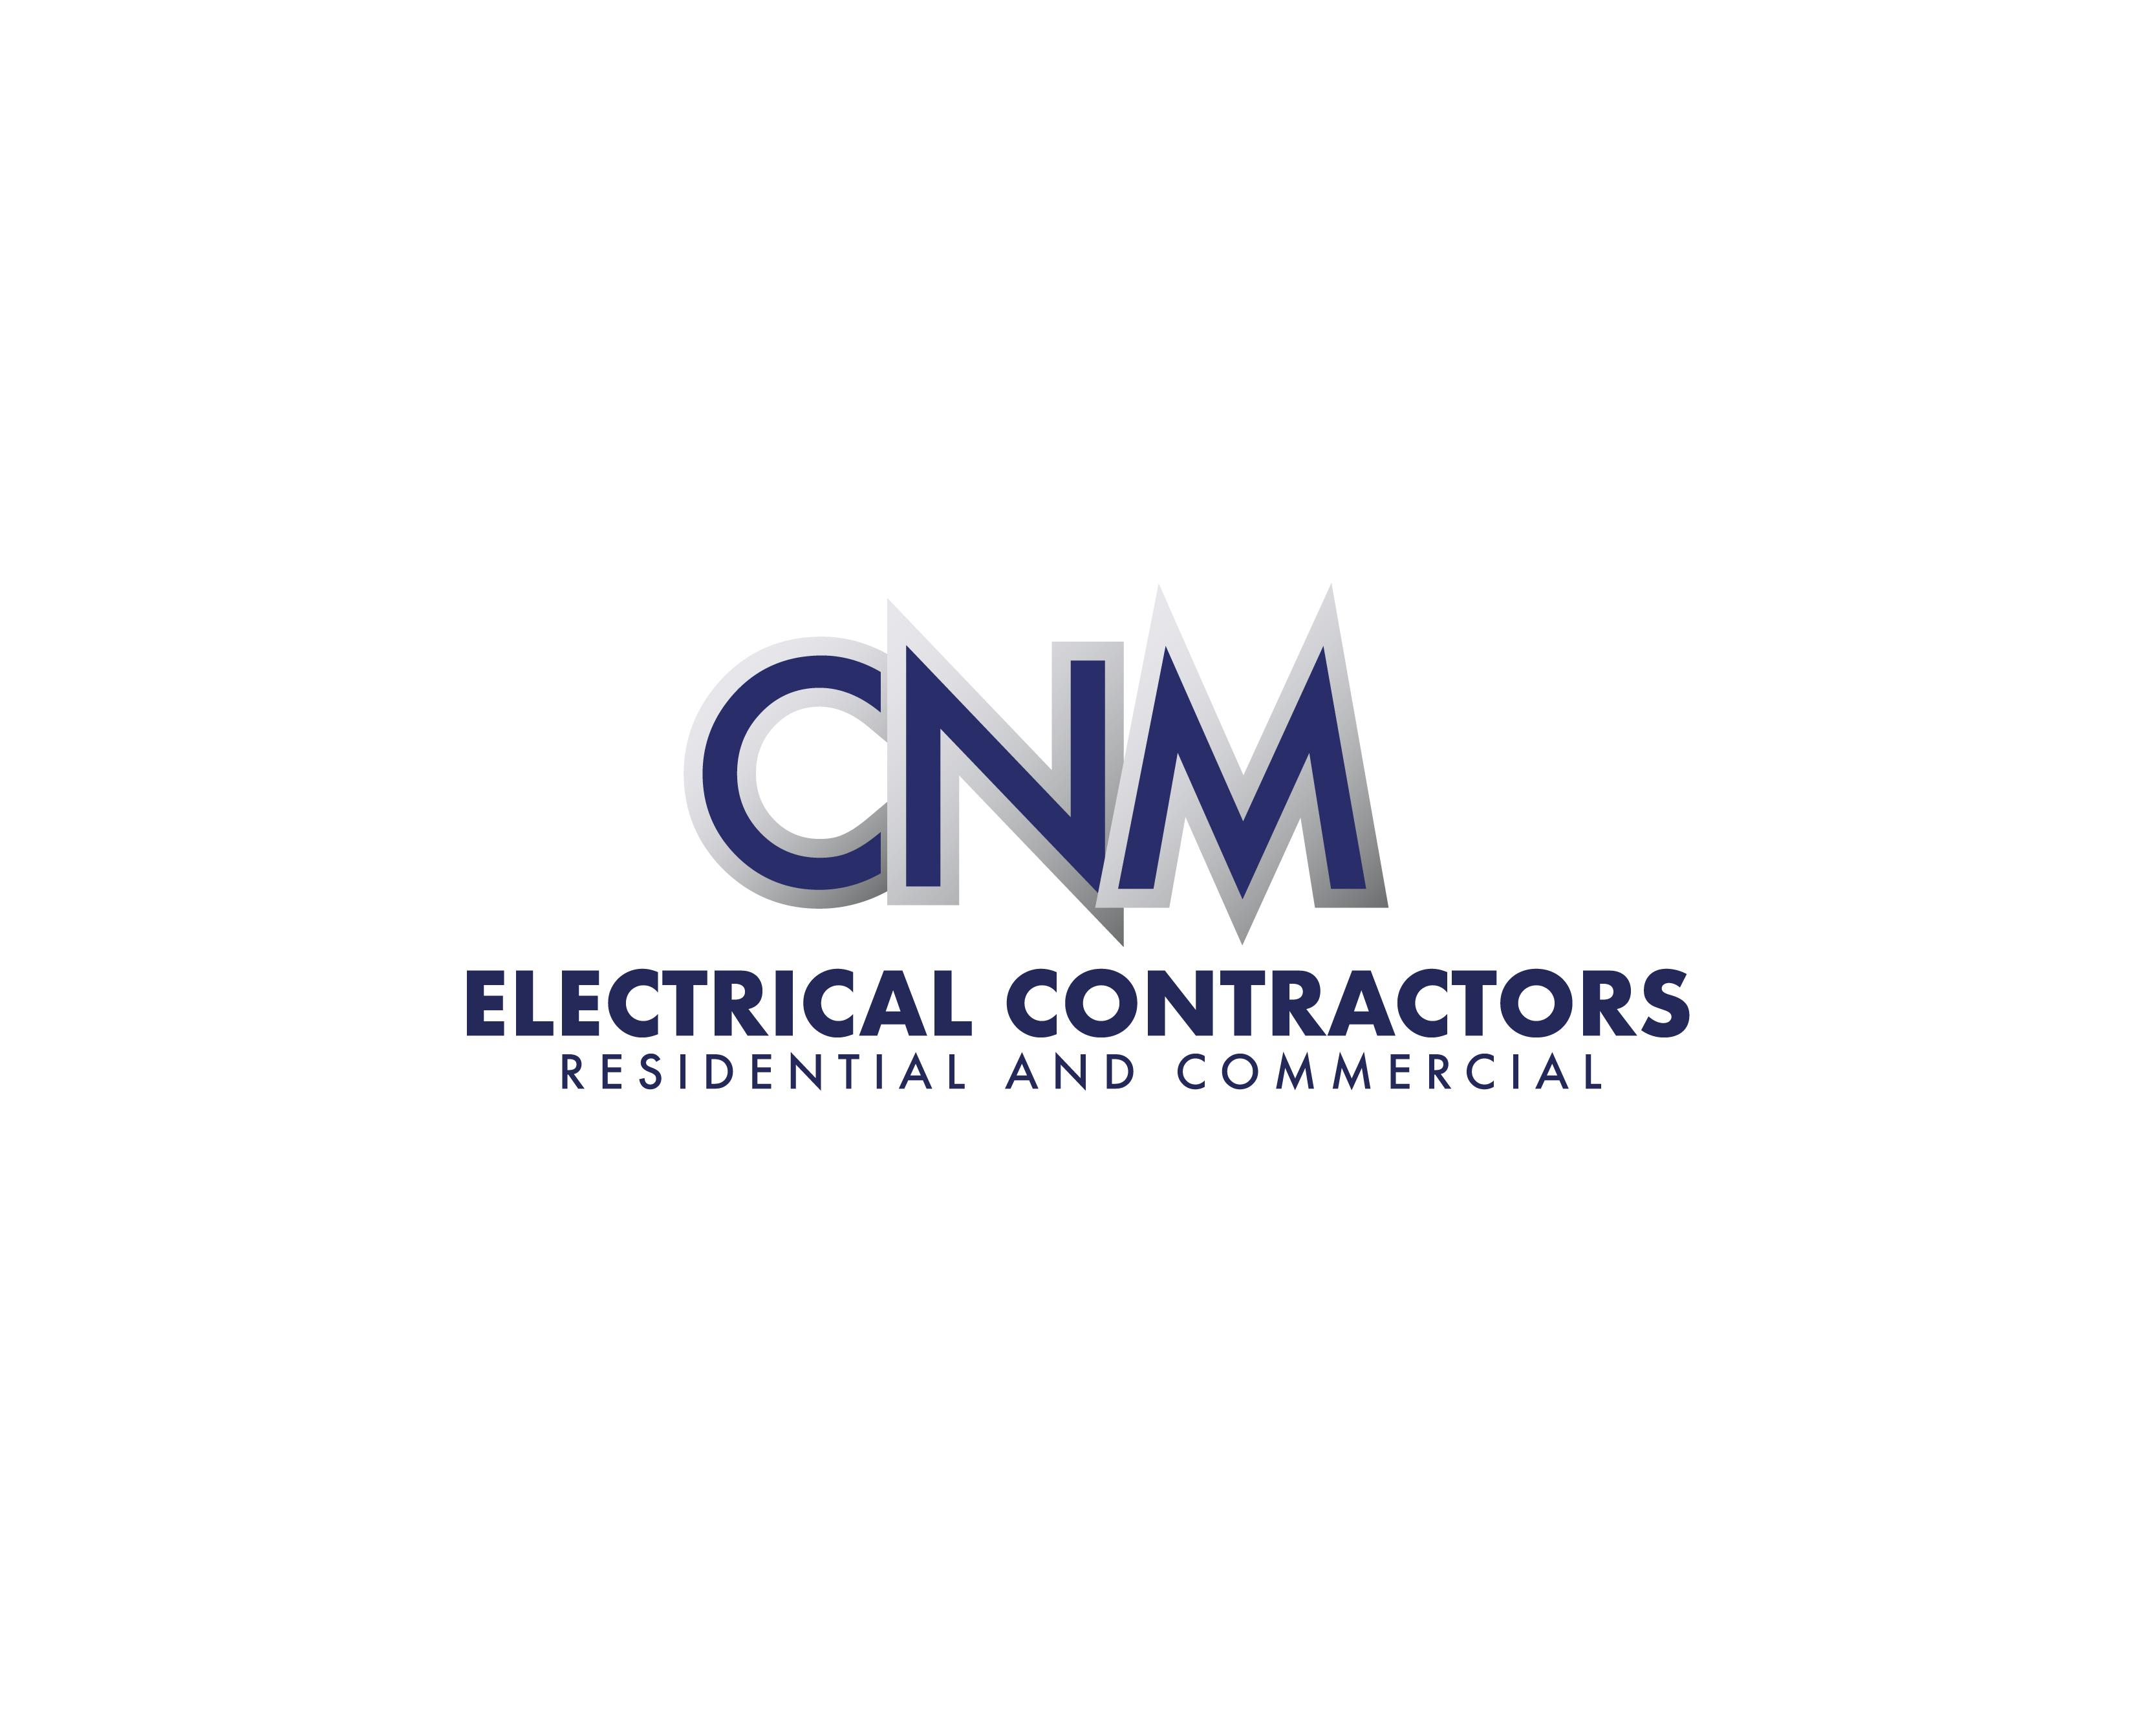 Logo Design Contest For Cnm Electric